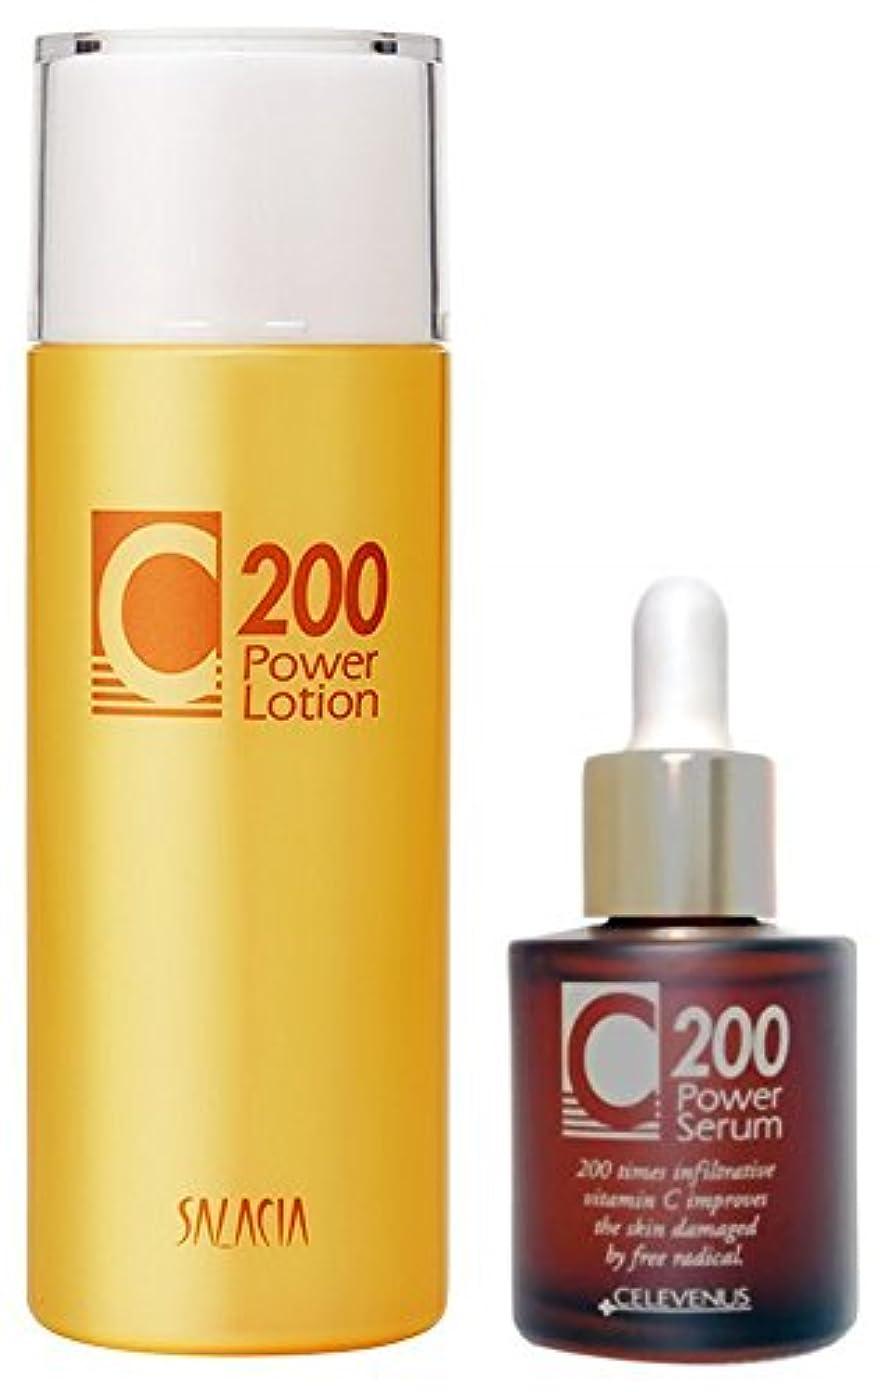 C200パワーセラム(30ml)&C200パワーローション(150ml)